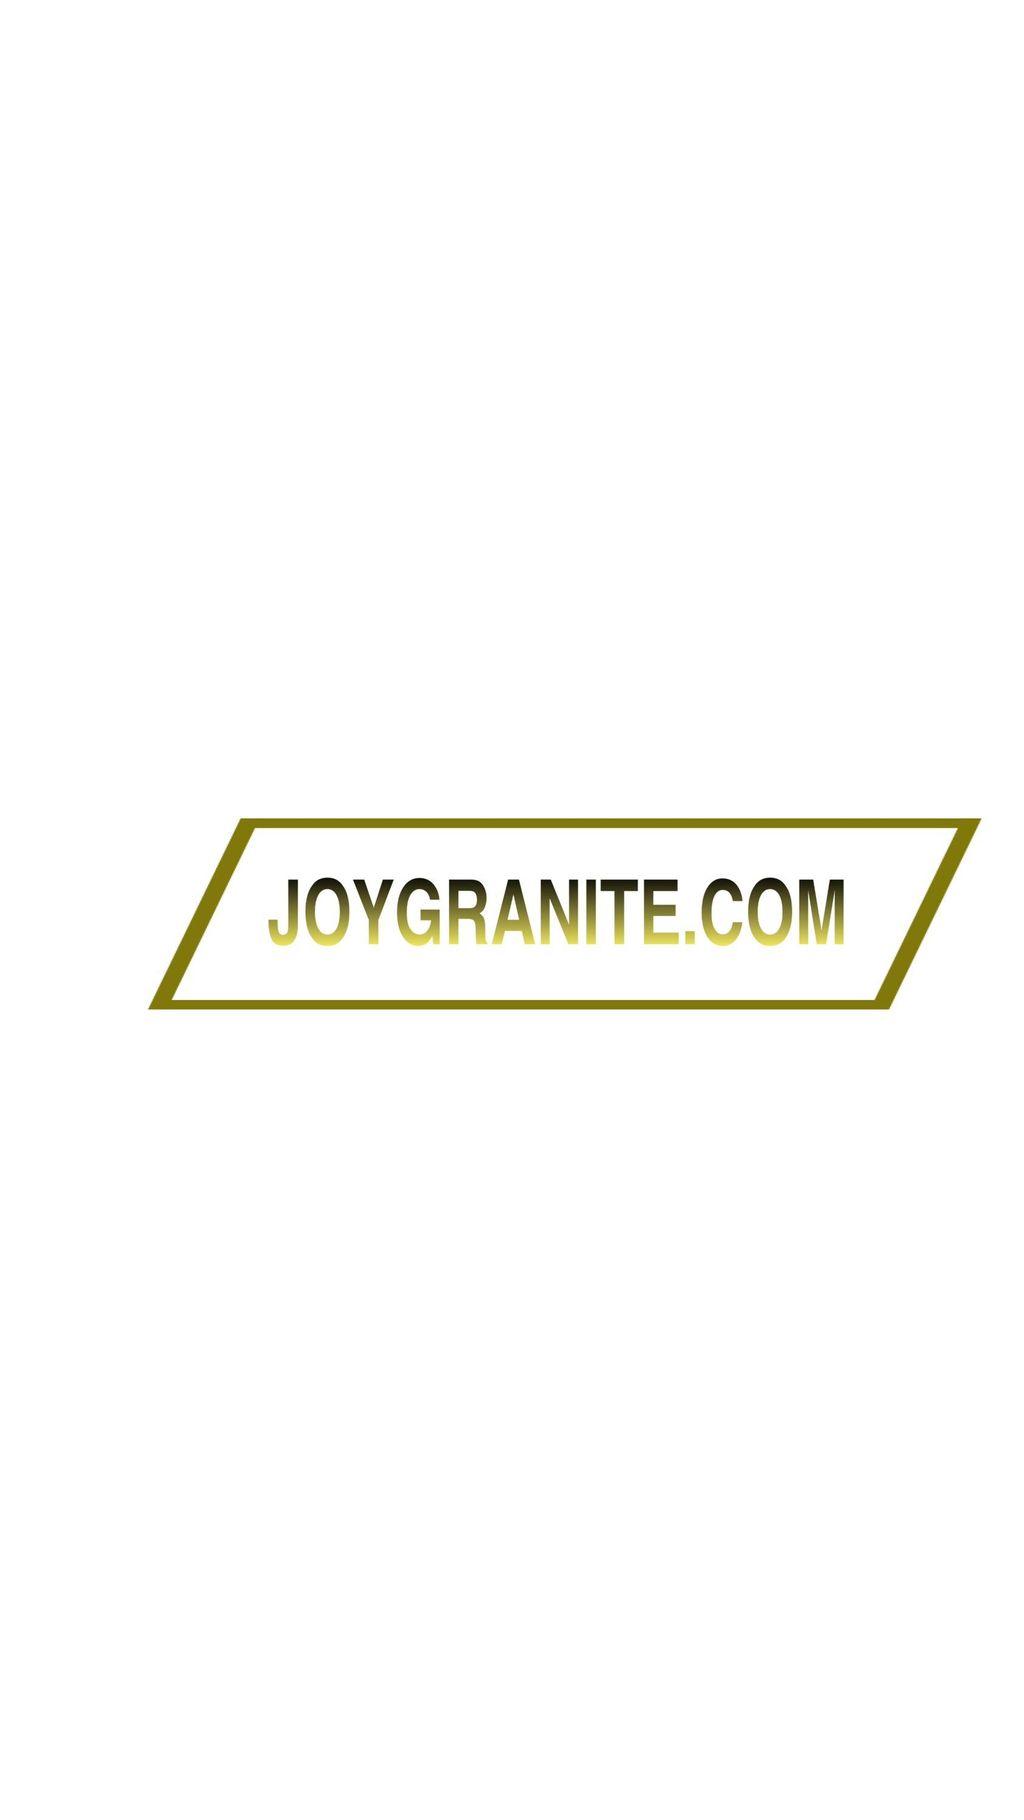 Joygranite.com